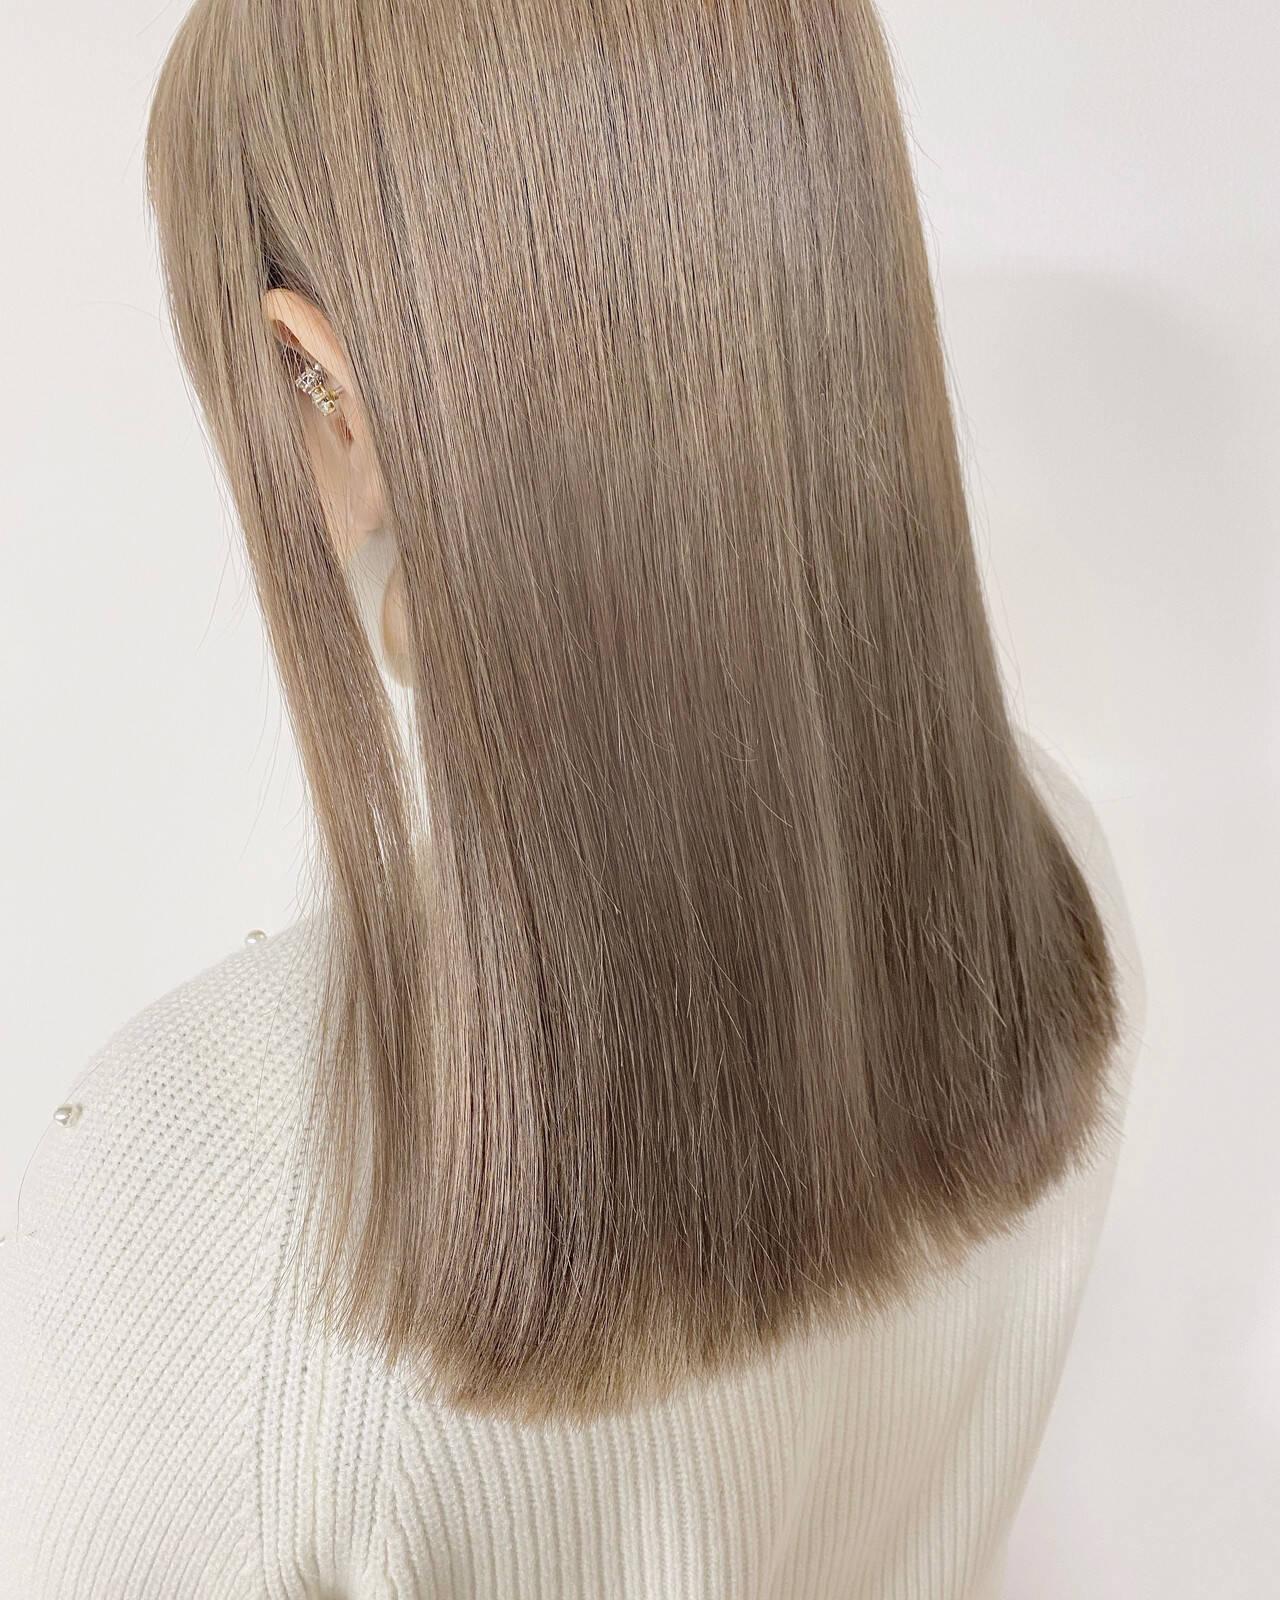 ホワイトベージュ ショートボブ ブリーチ必須 セミロングヘアスタイルや髪型の写真・画像